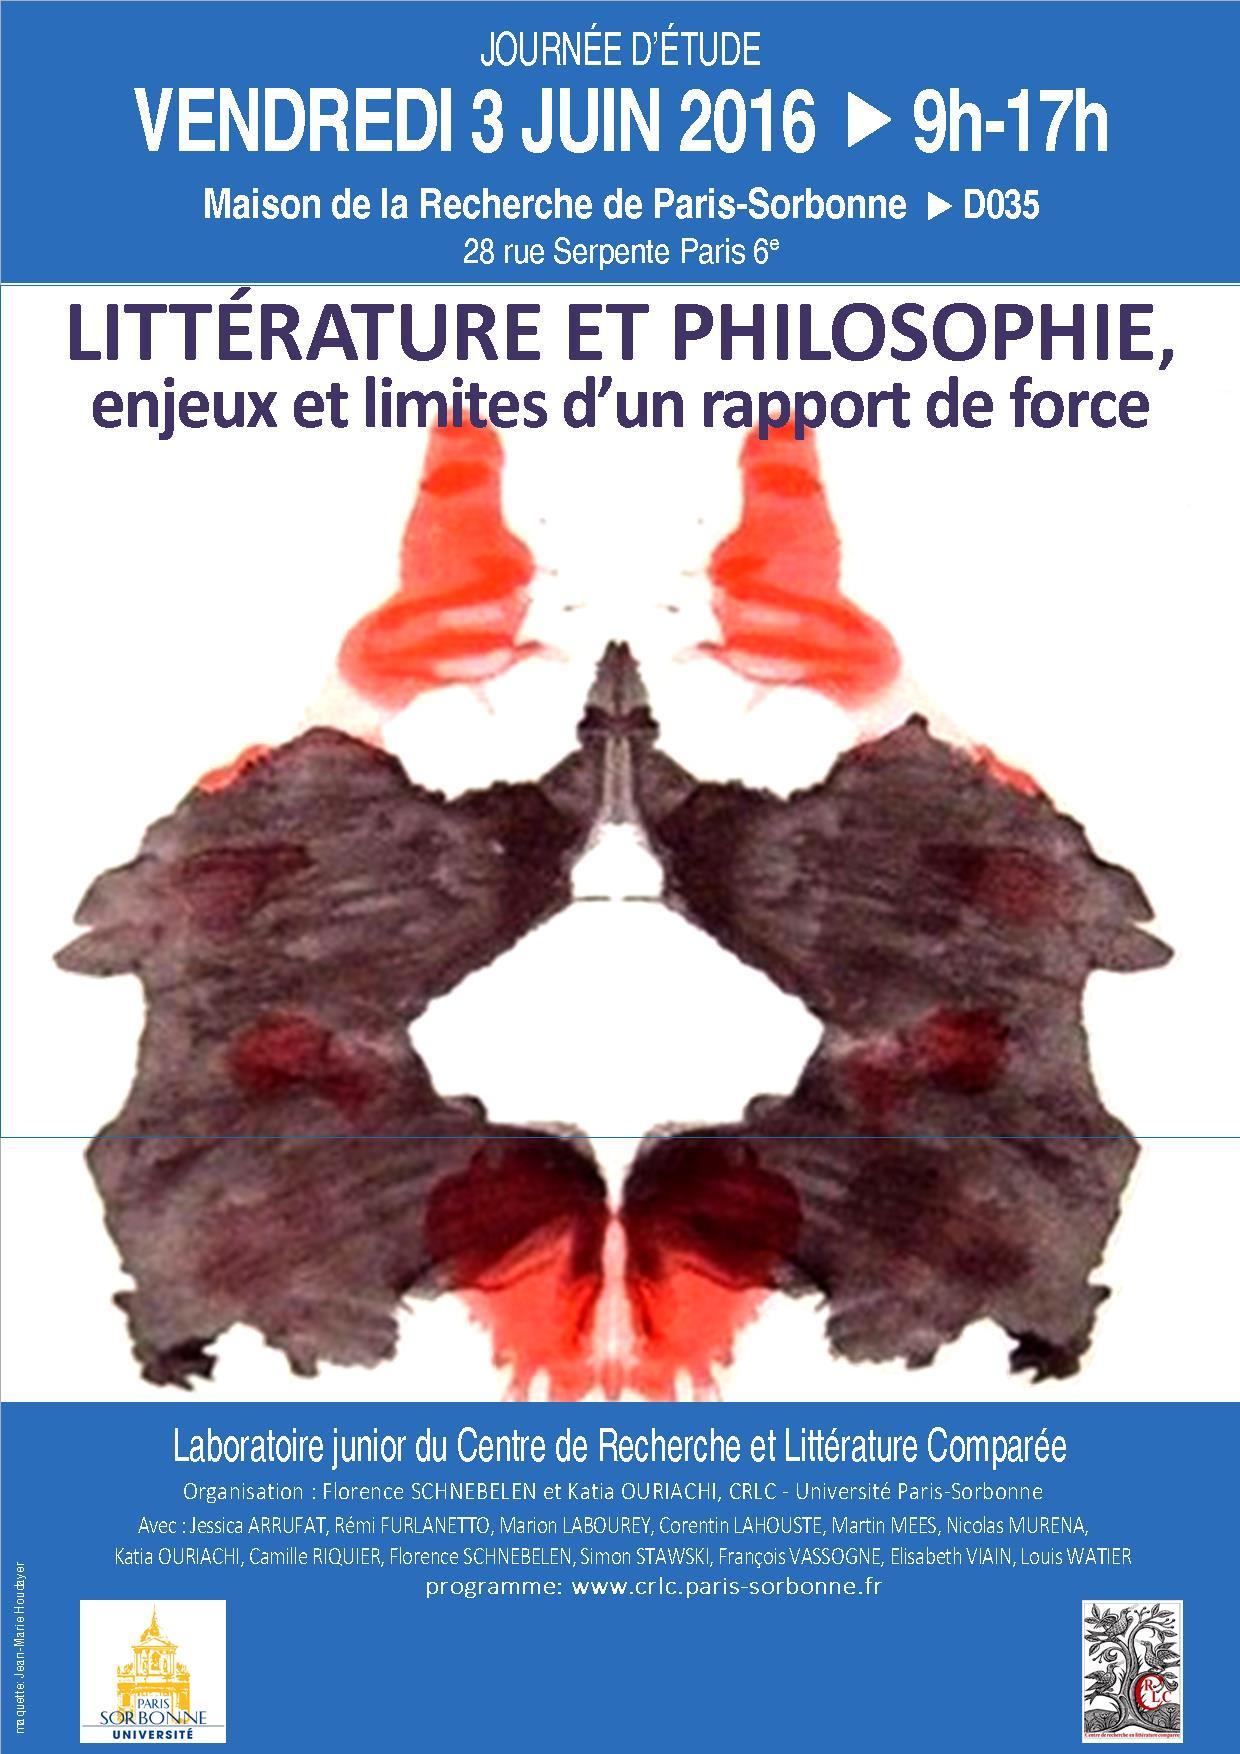 Littérature et philosophie, enjeux et limites d'un rapport de force